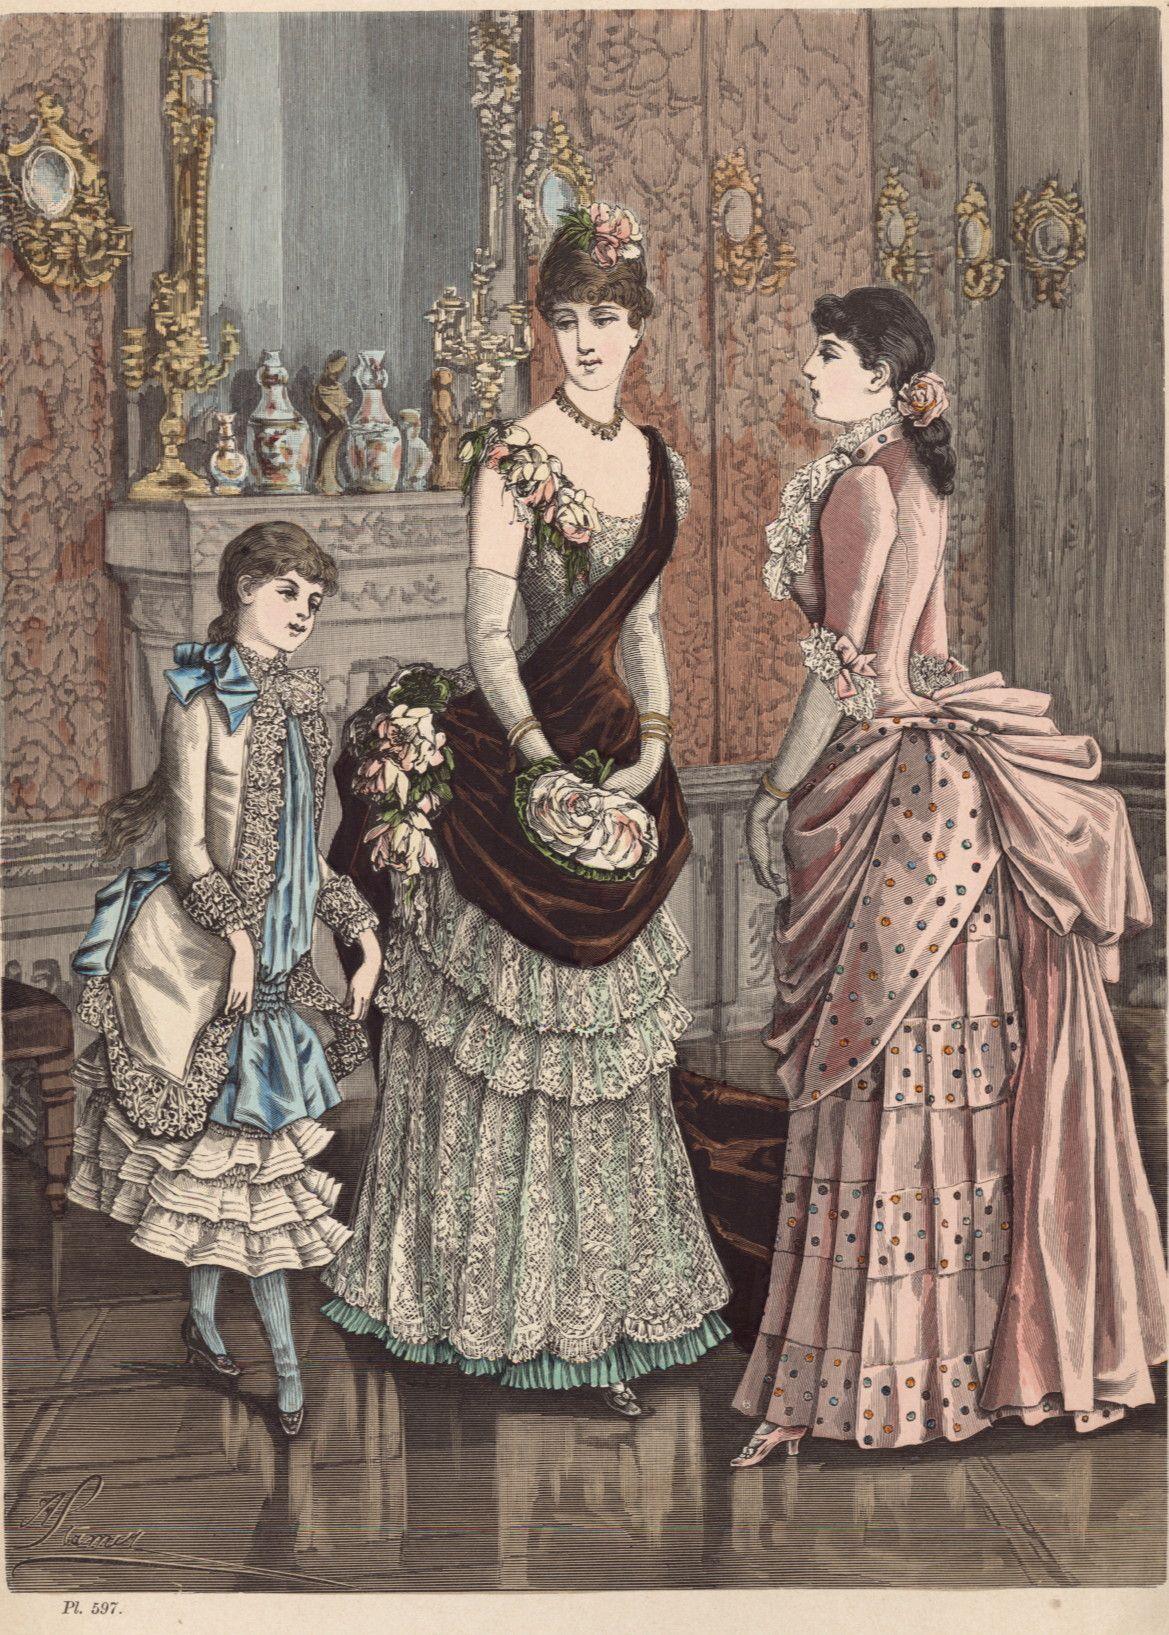 Pin By Dani Fredrickson On Historical Victorian Era Fashion Fashion Plates Historical Fashion [ 1635 x 1169 Pixel ]